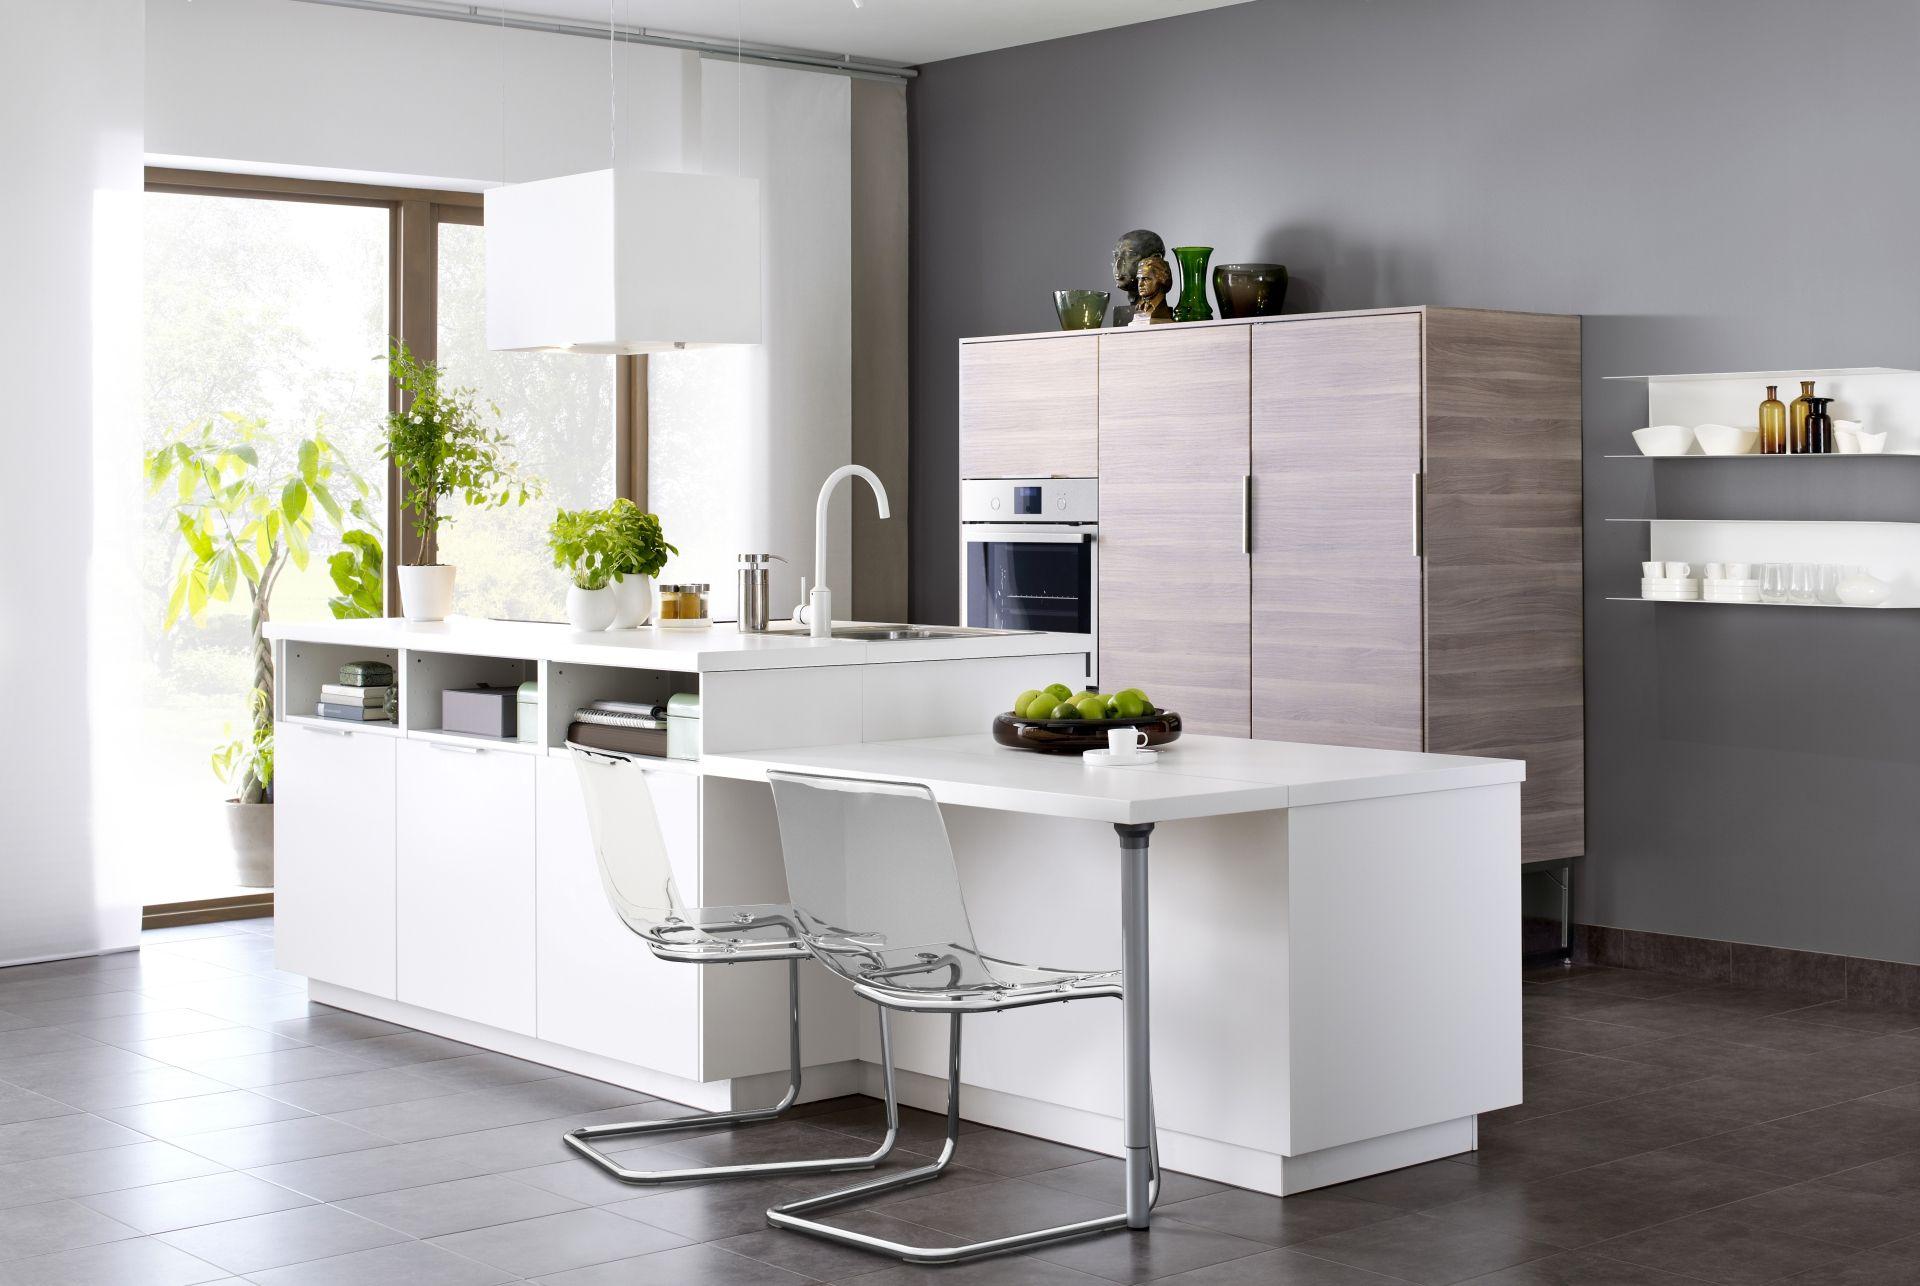 Metod keuken met een modern kookeiland ikea ikeanl keukens